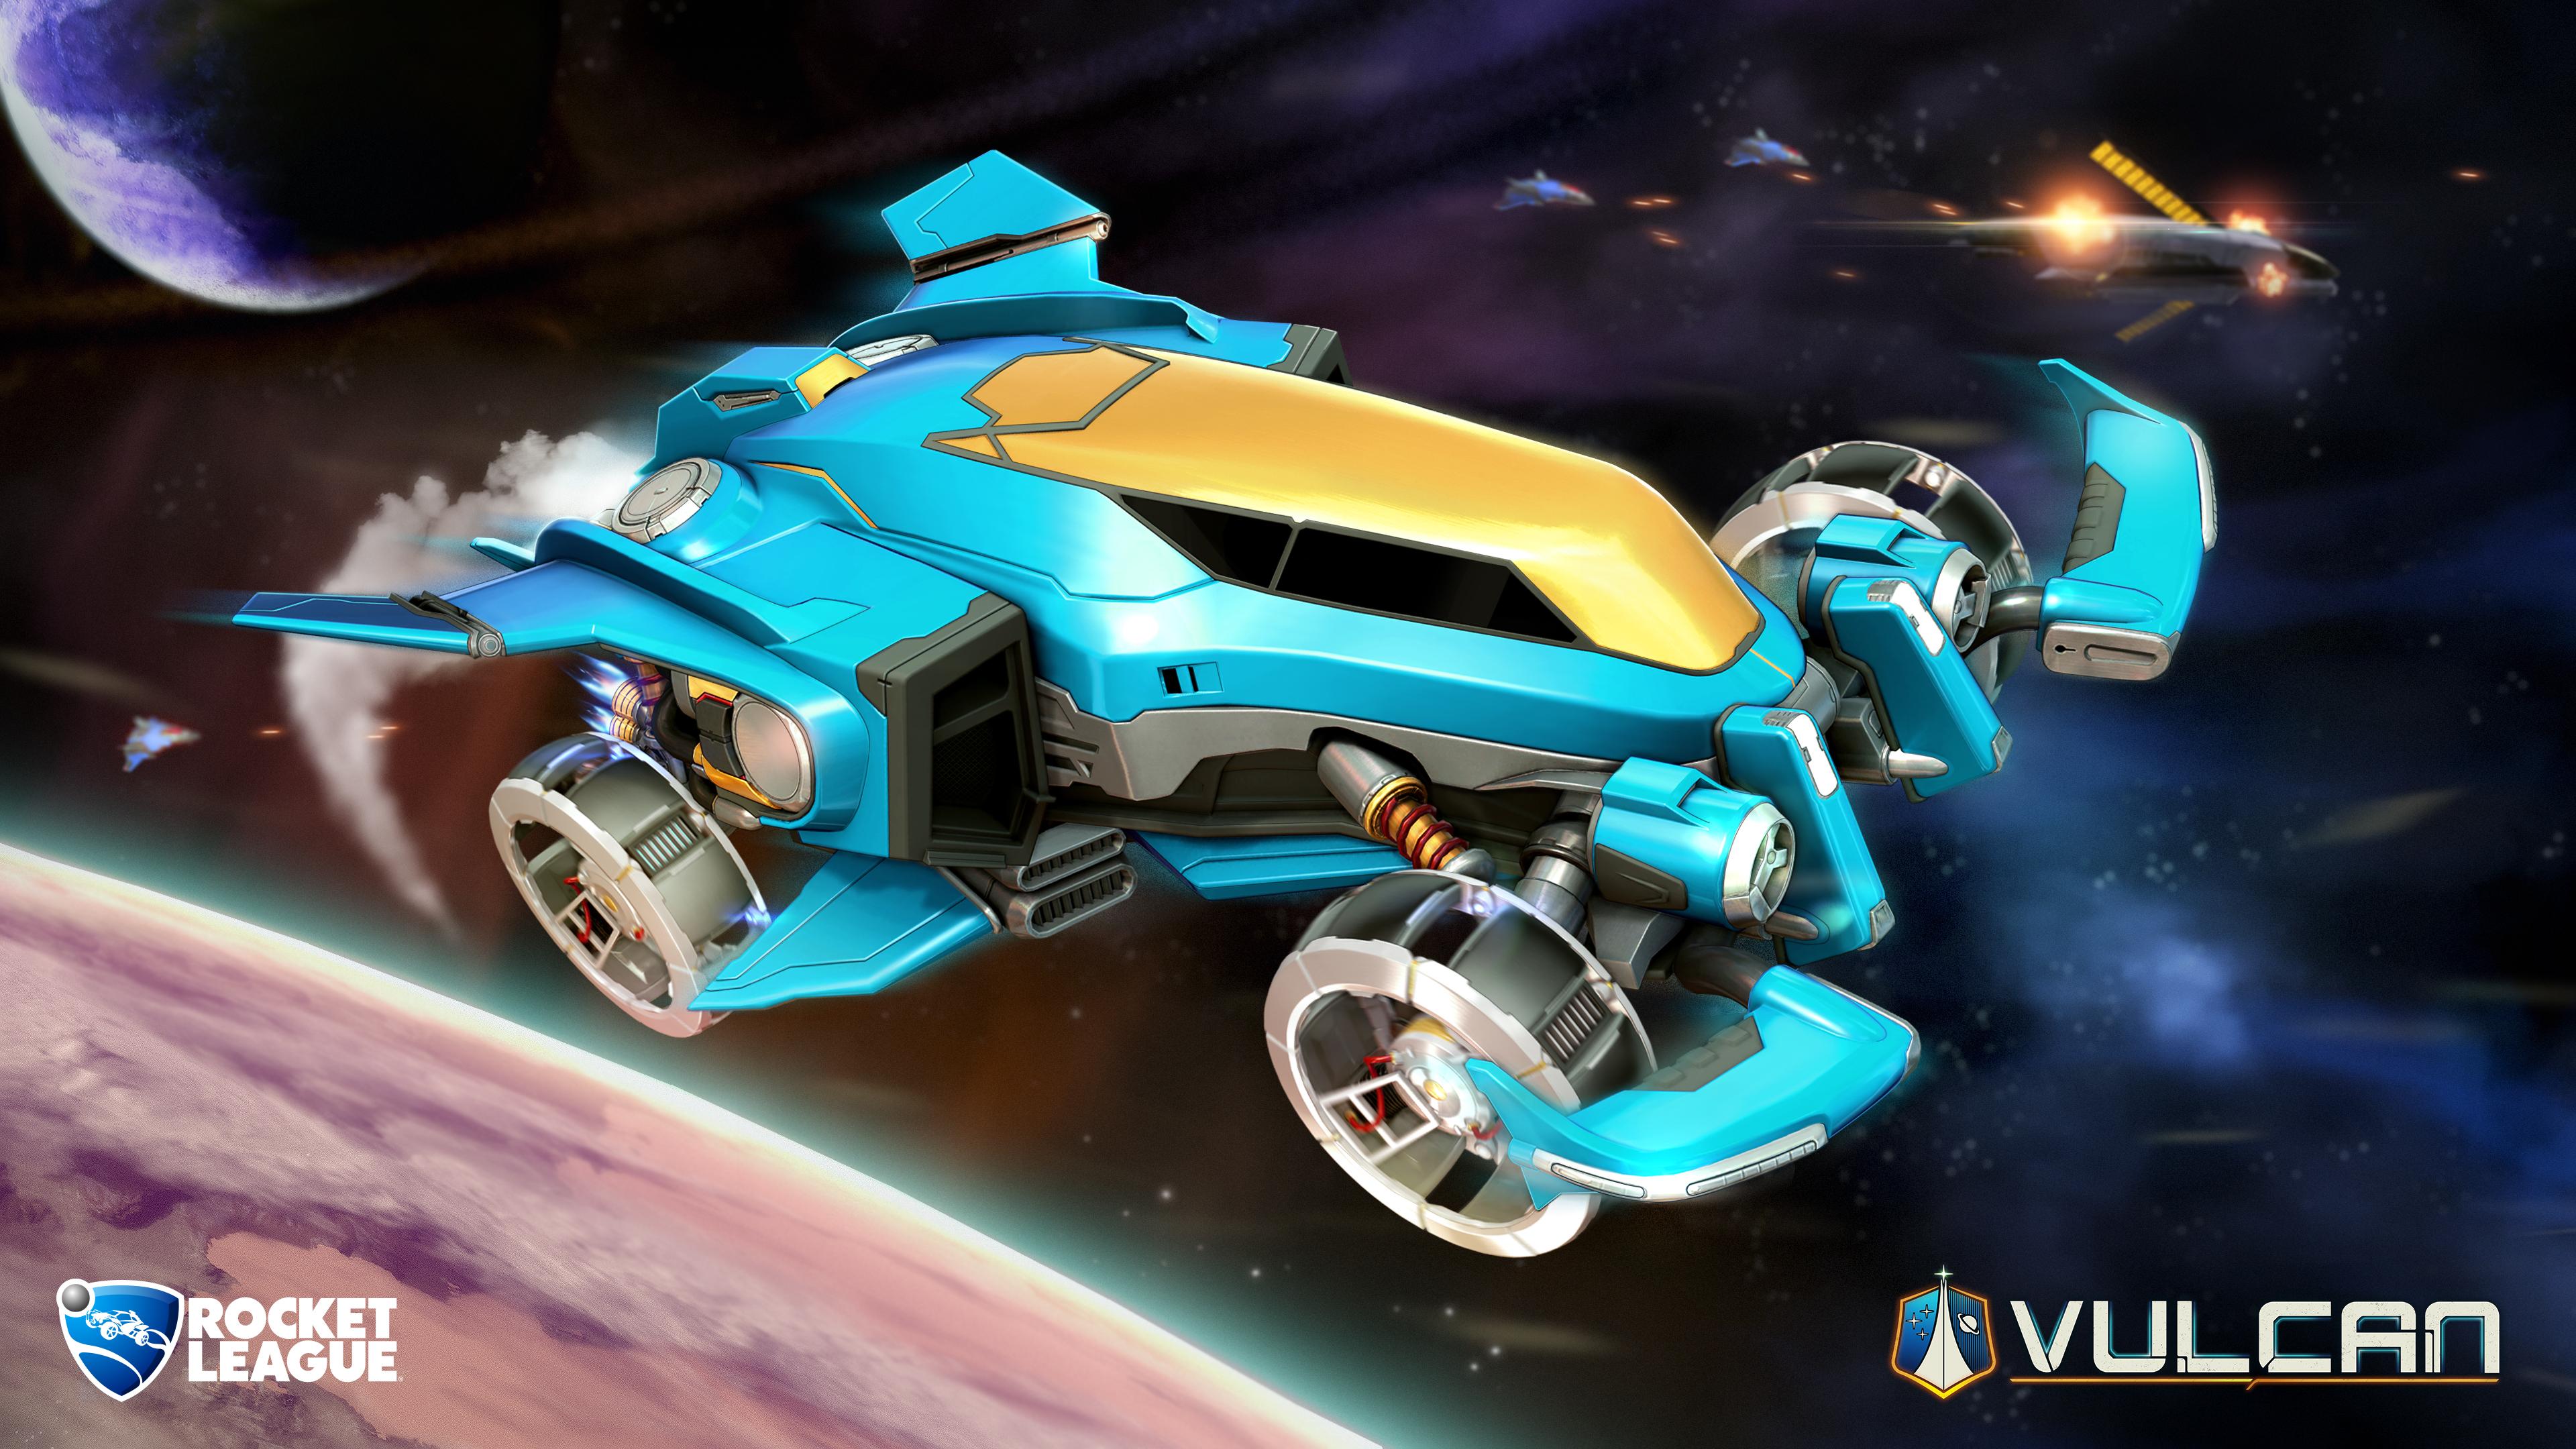 Rocket League - Vulcan screenshot